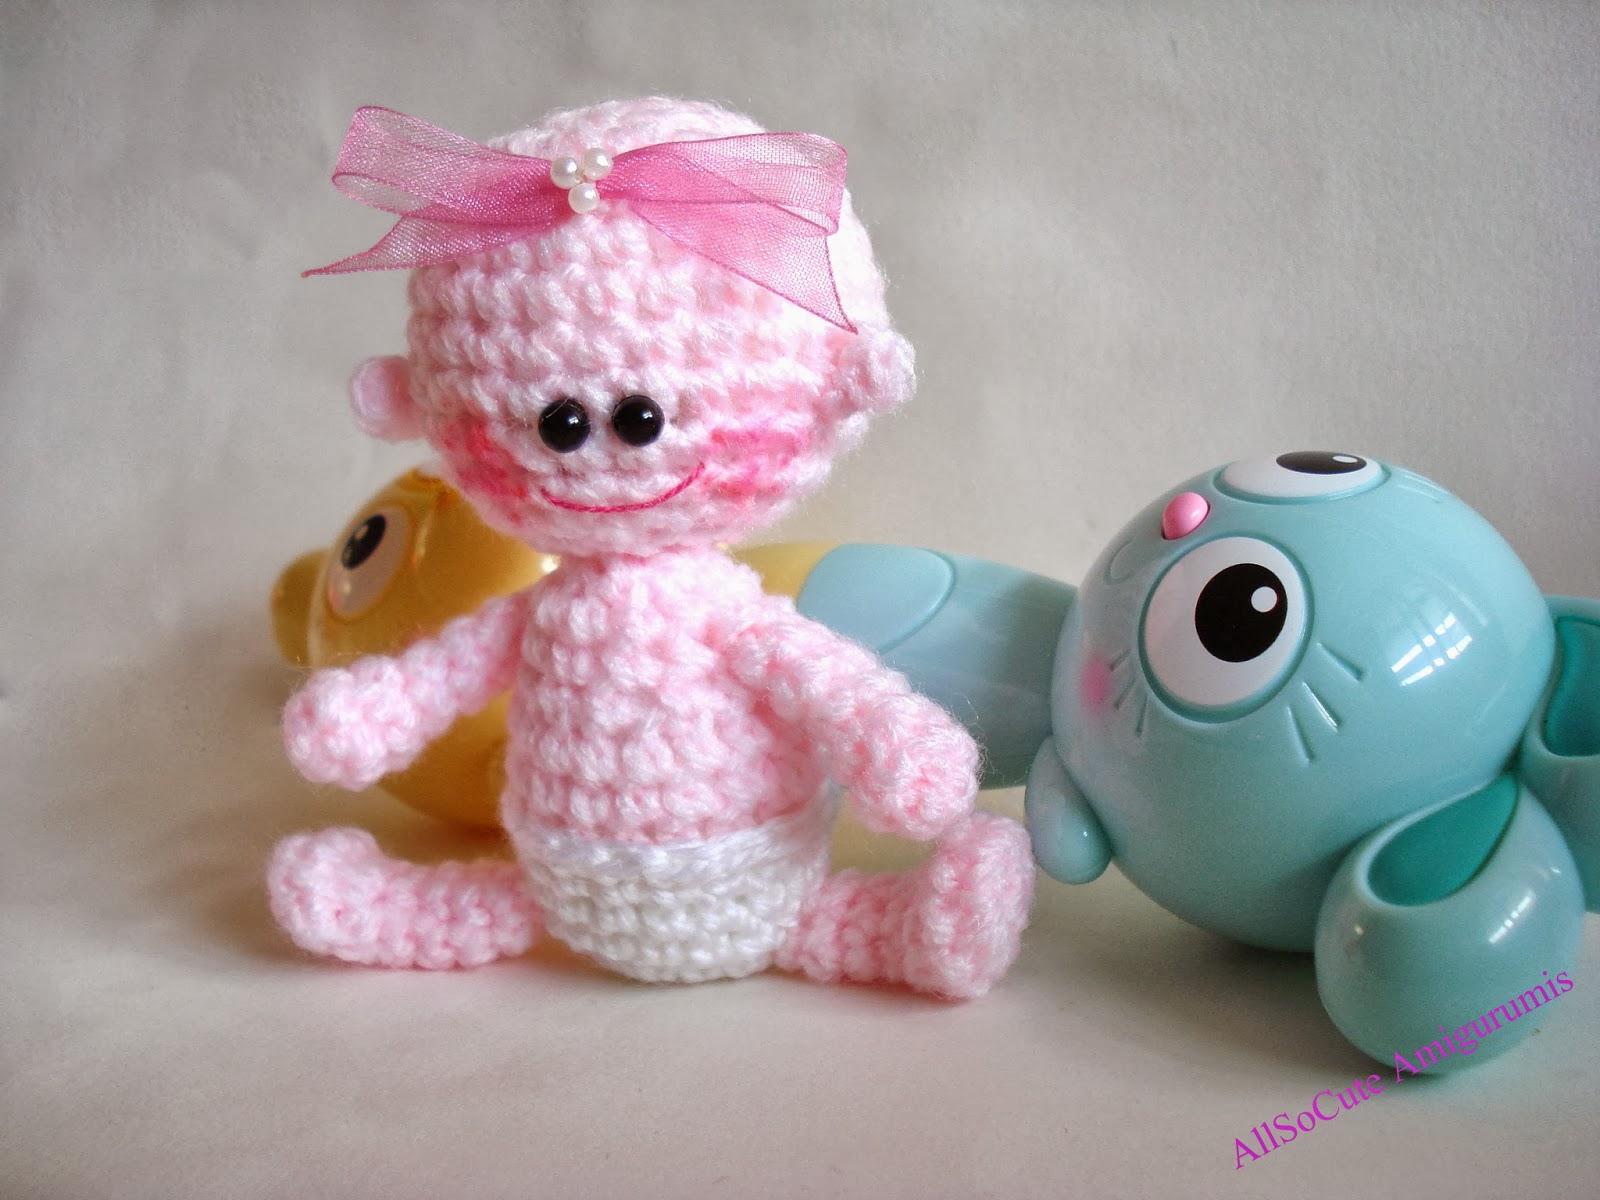 AllSoCute Amigurumis: Amigurumi Baby, Crochet Baby